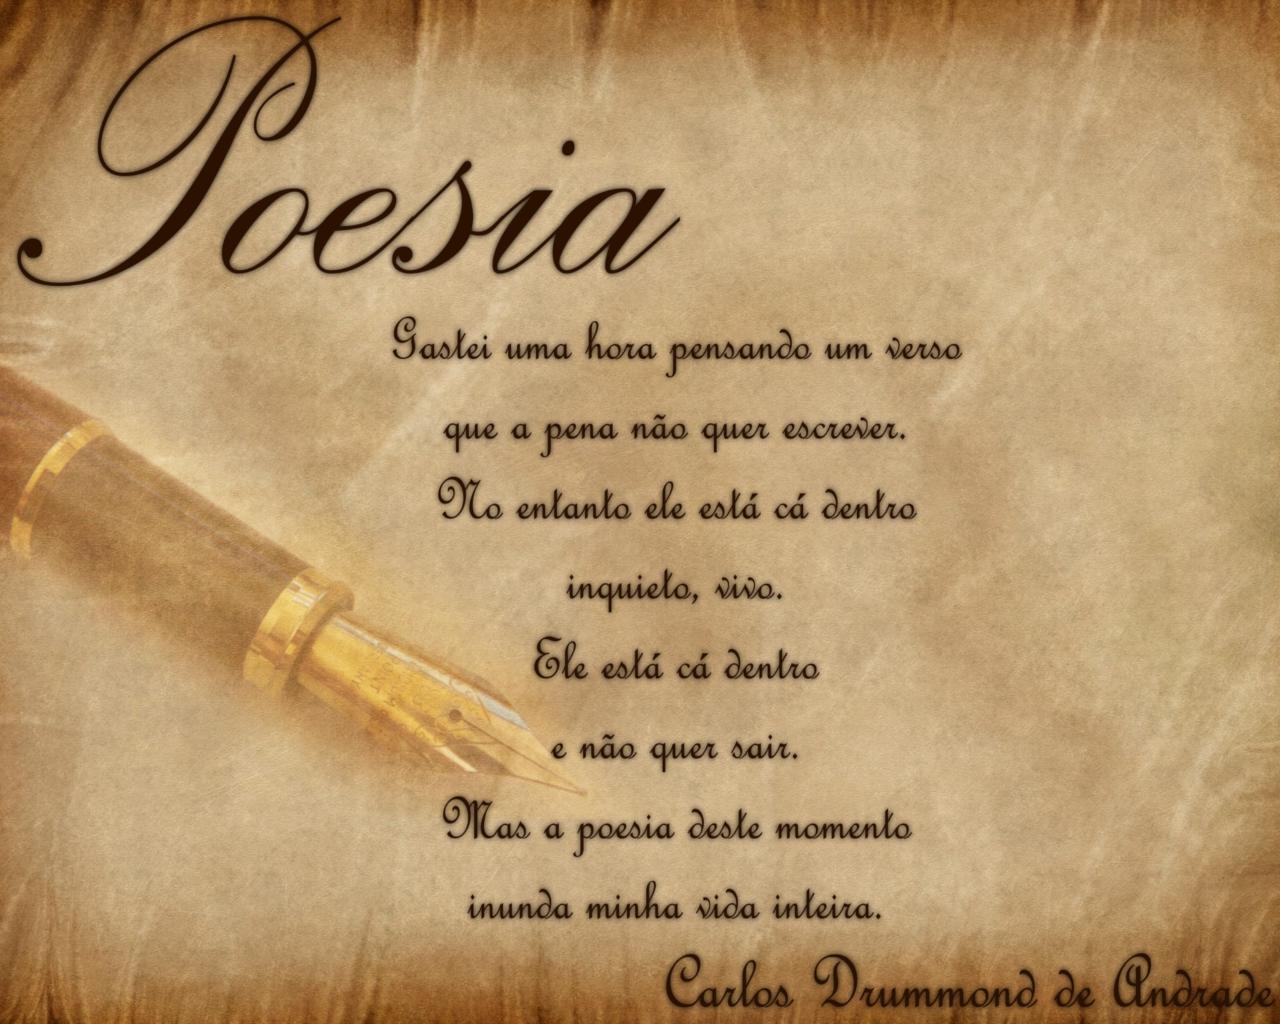 http://1.bp.blogspot.com/-VptQPkW-lq8/UBEpmDZbZSI/AAAAAAAAE5I/-nefPshfhsk/s1600/poesia-wallpaper.png